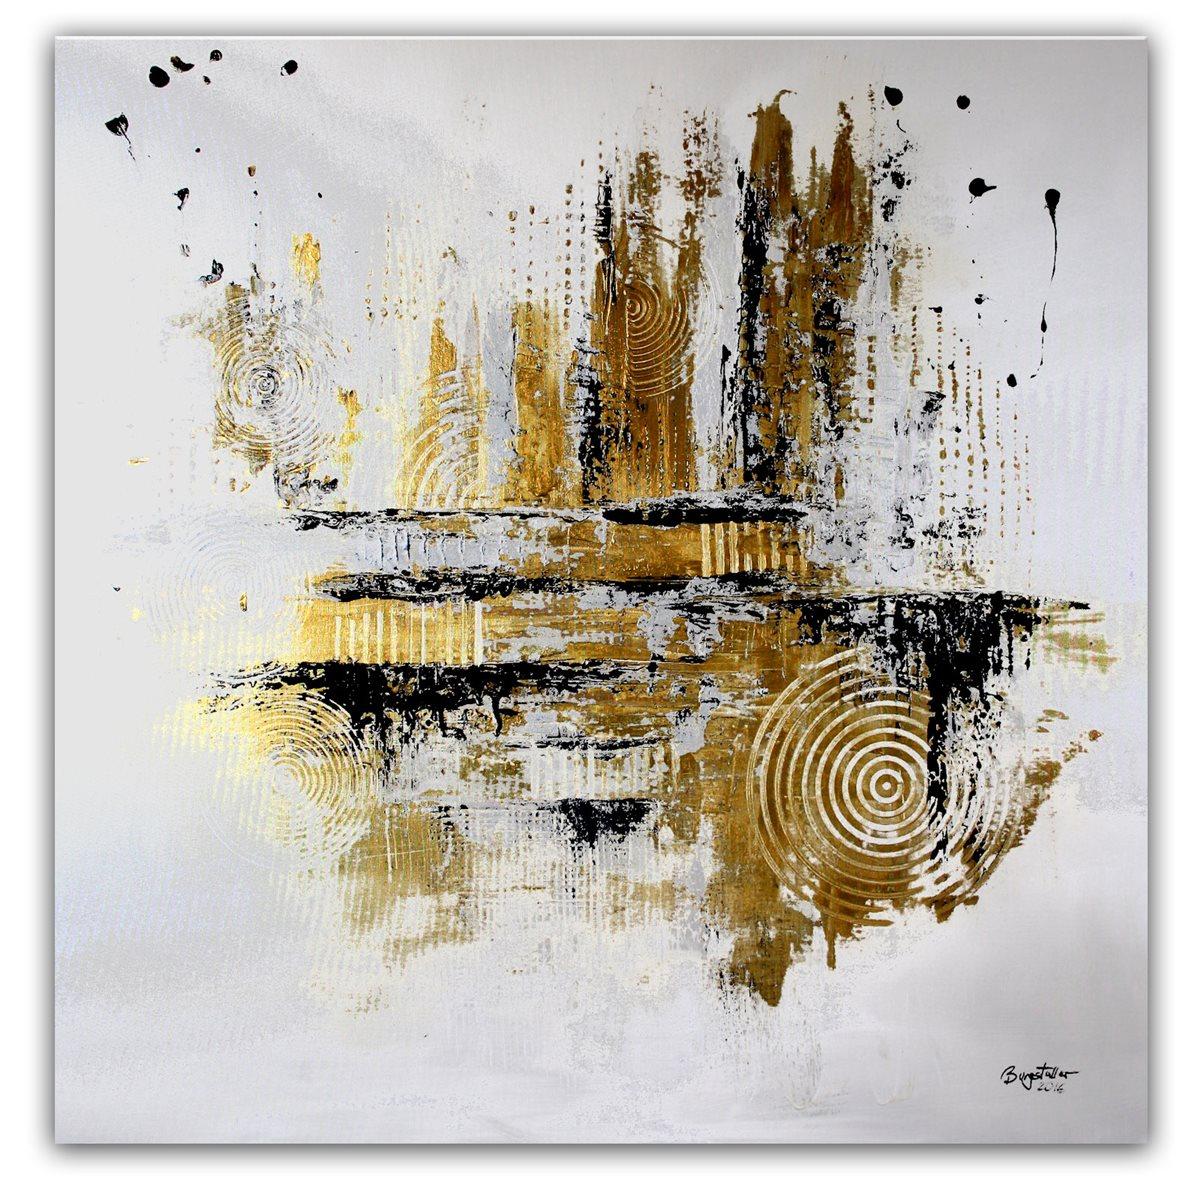 burgstaller abstrakte malerei original gem lde 100x100 moderne kunst silber gold ebay. Black Bedroom Furniture Sets. Home Design Ideas